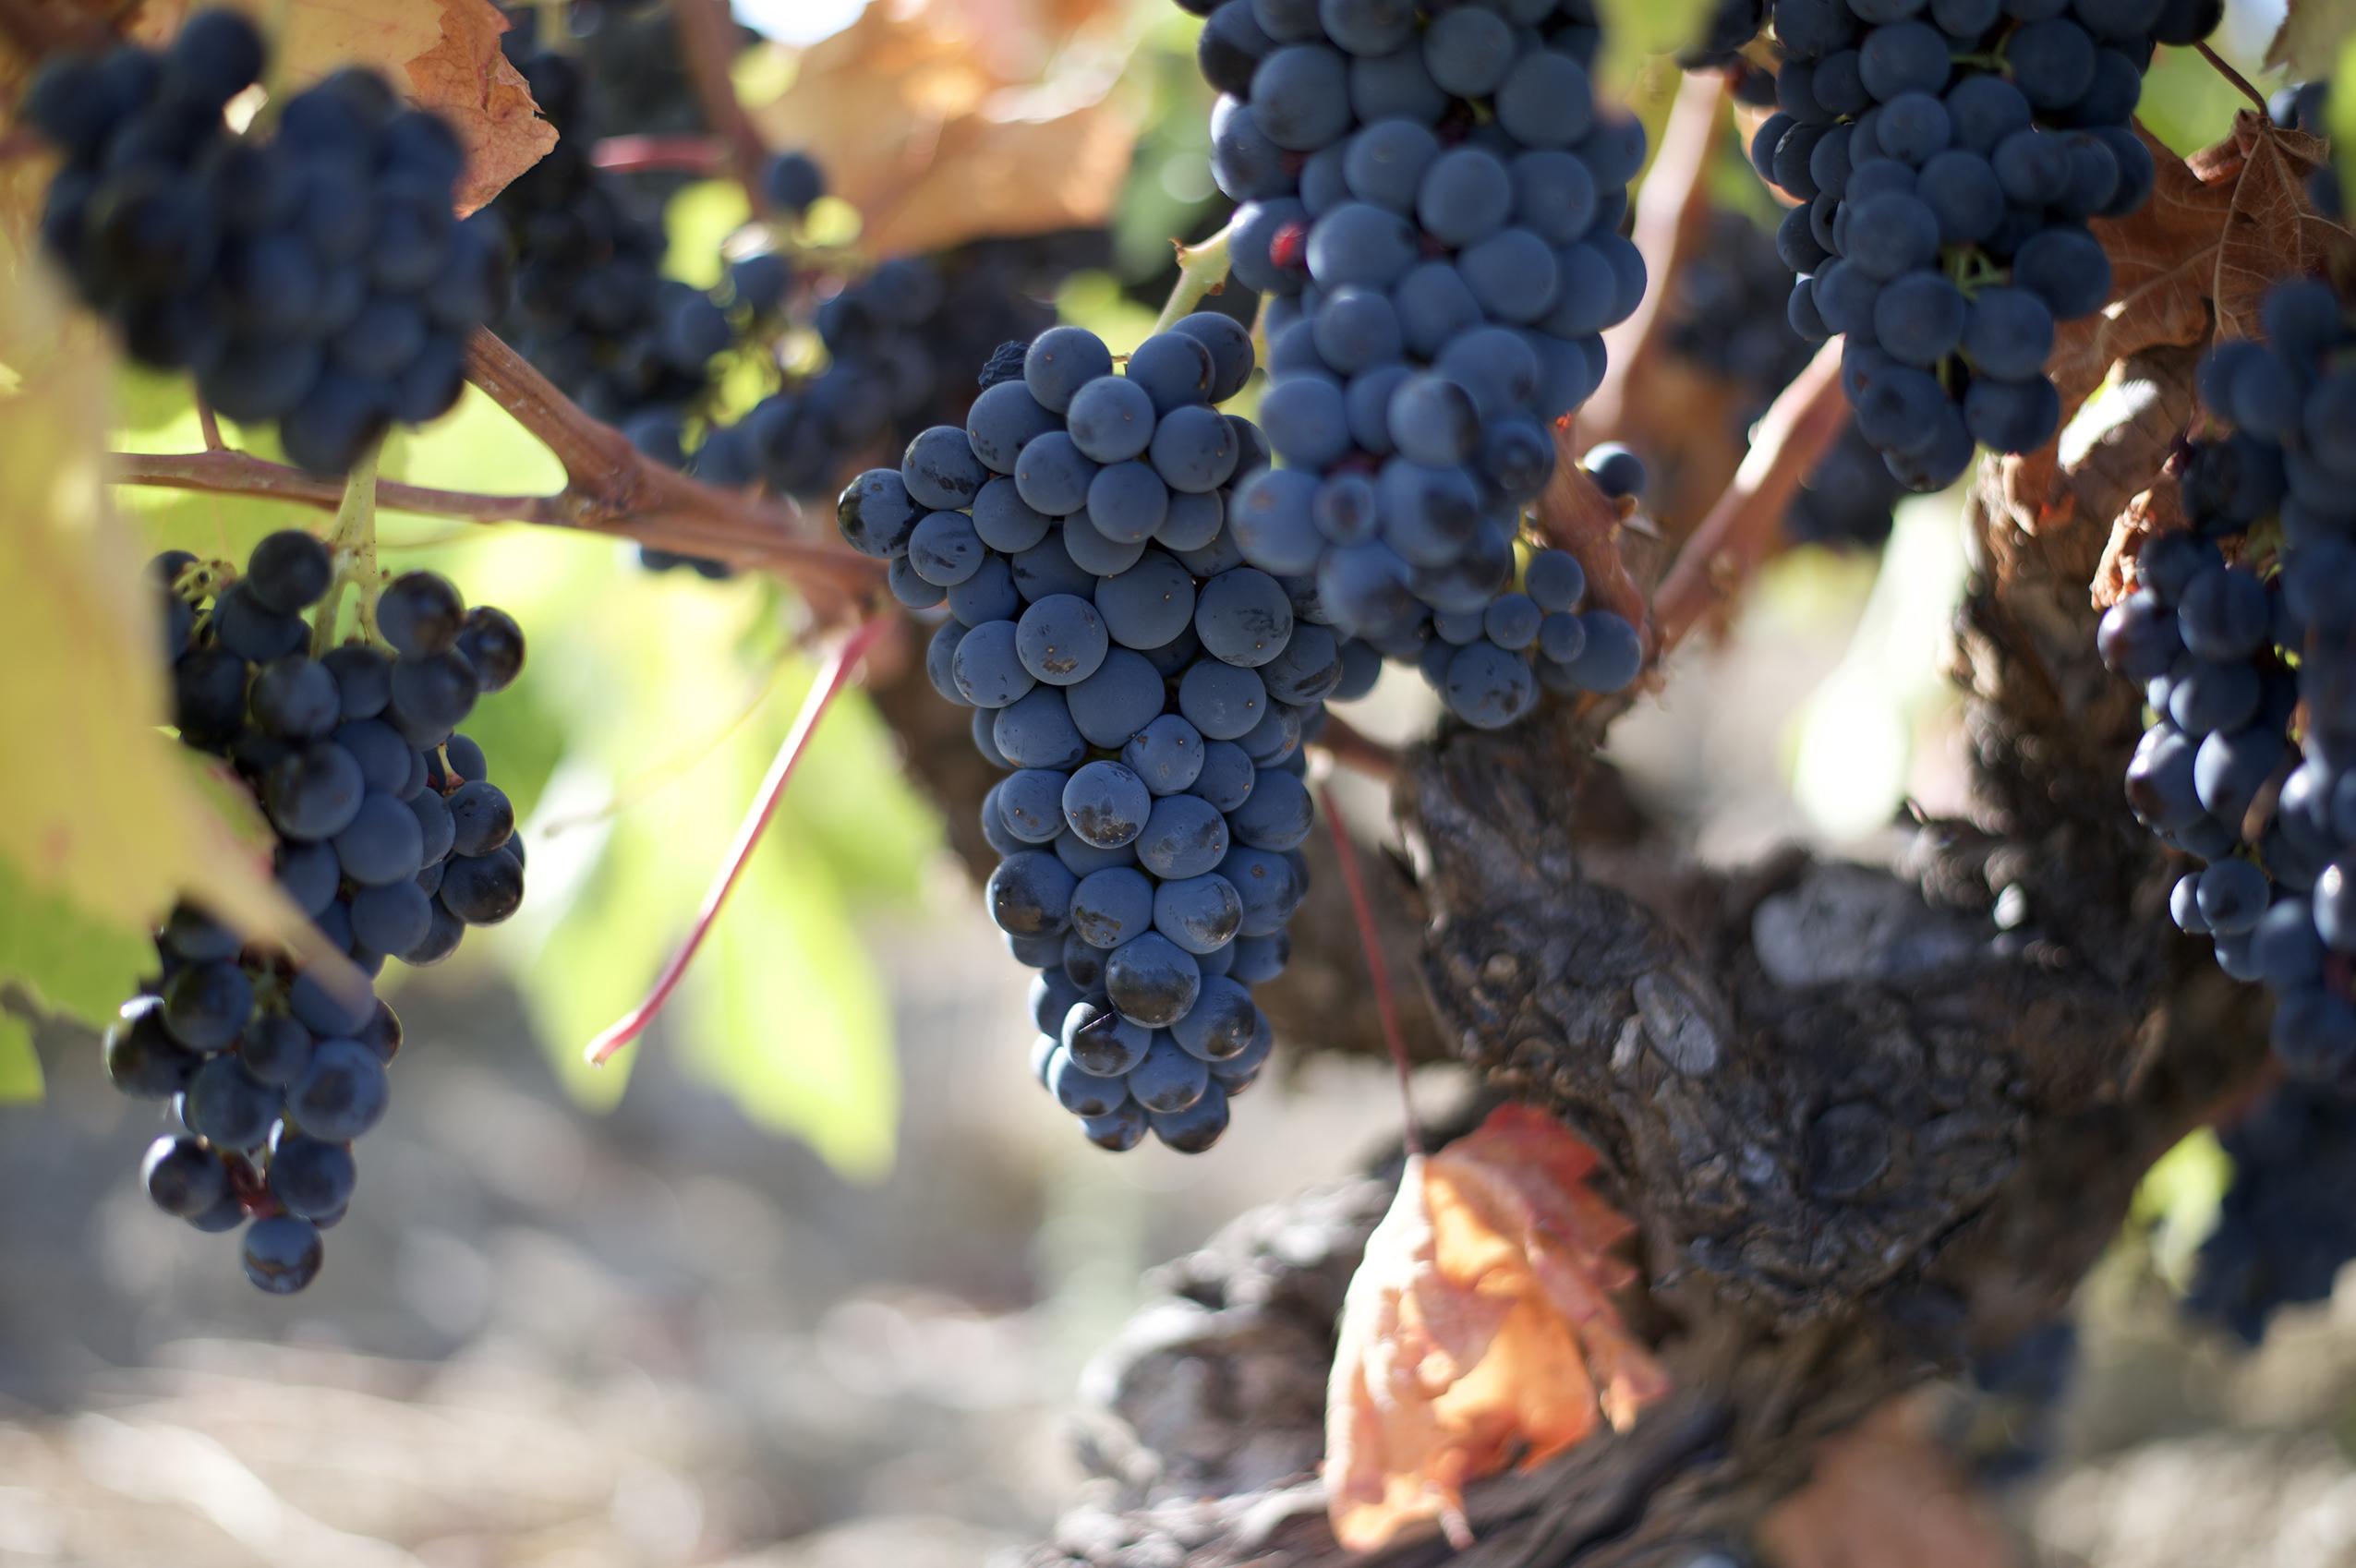 Conoce las 9 bodegas que forman parte de la Ruta del Vino de Arribes